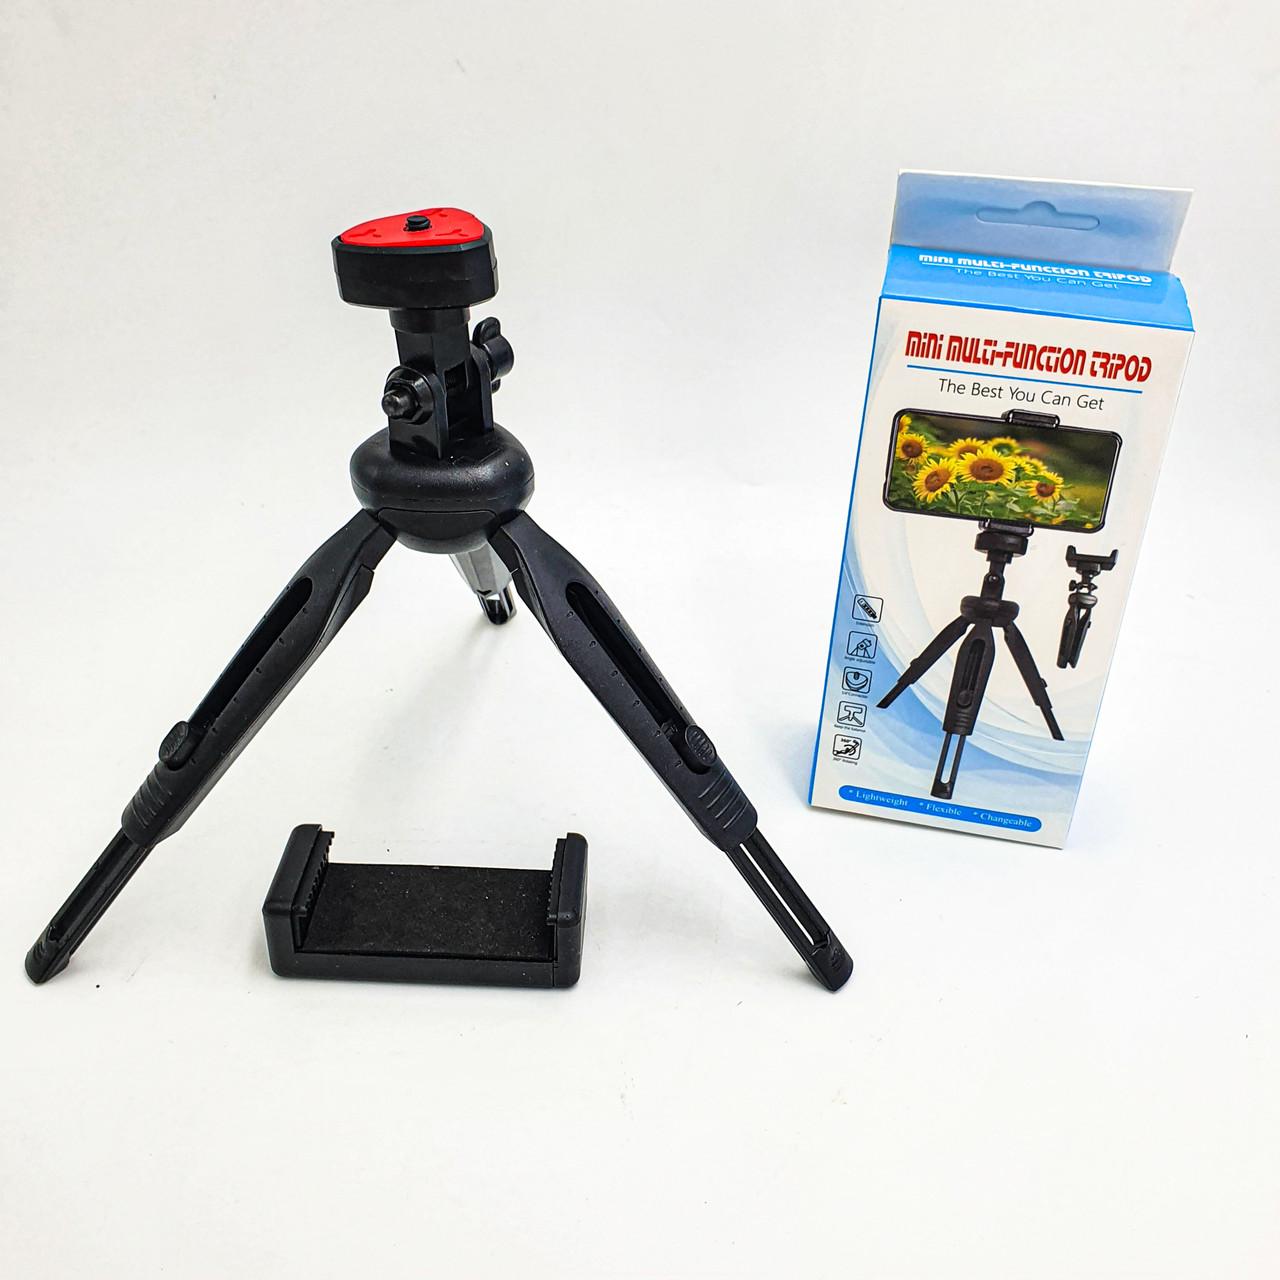 Телескопічний Штатив для камери телефону 15-22 см трипод UKC Mini multi Function tripod чорний